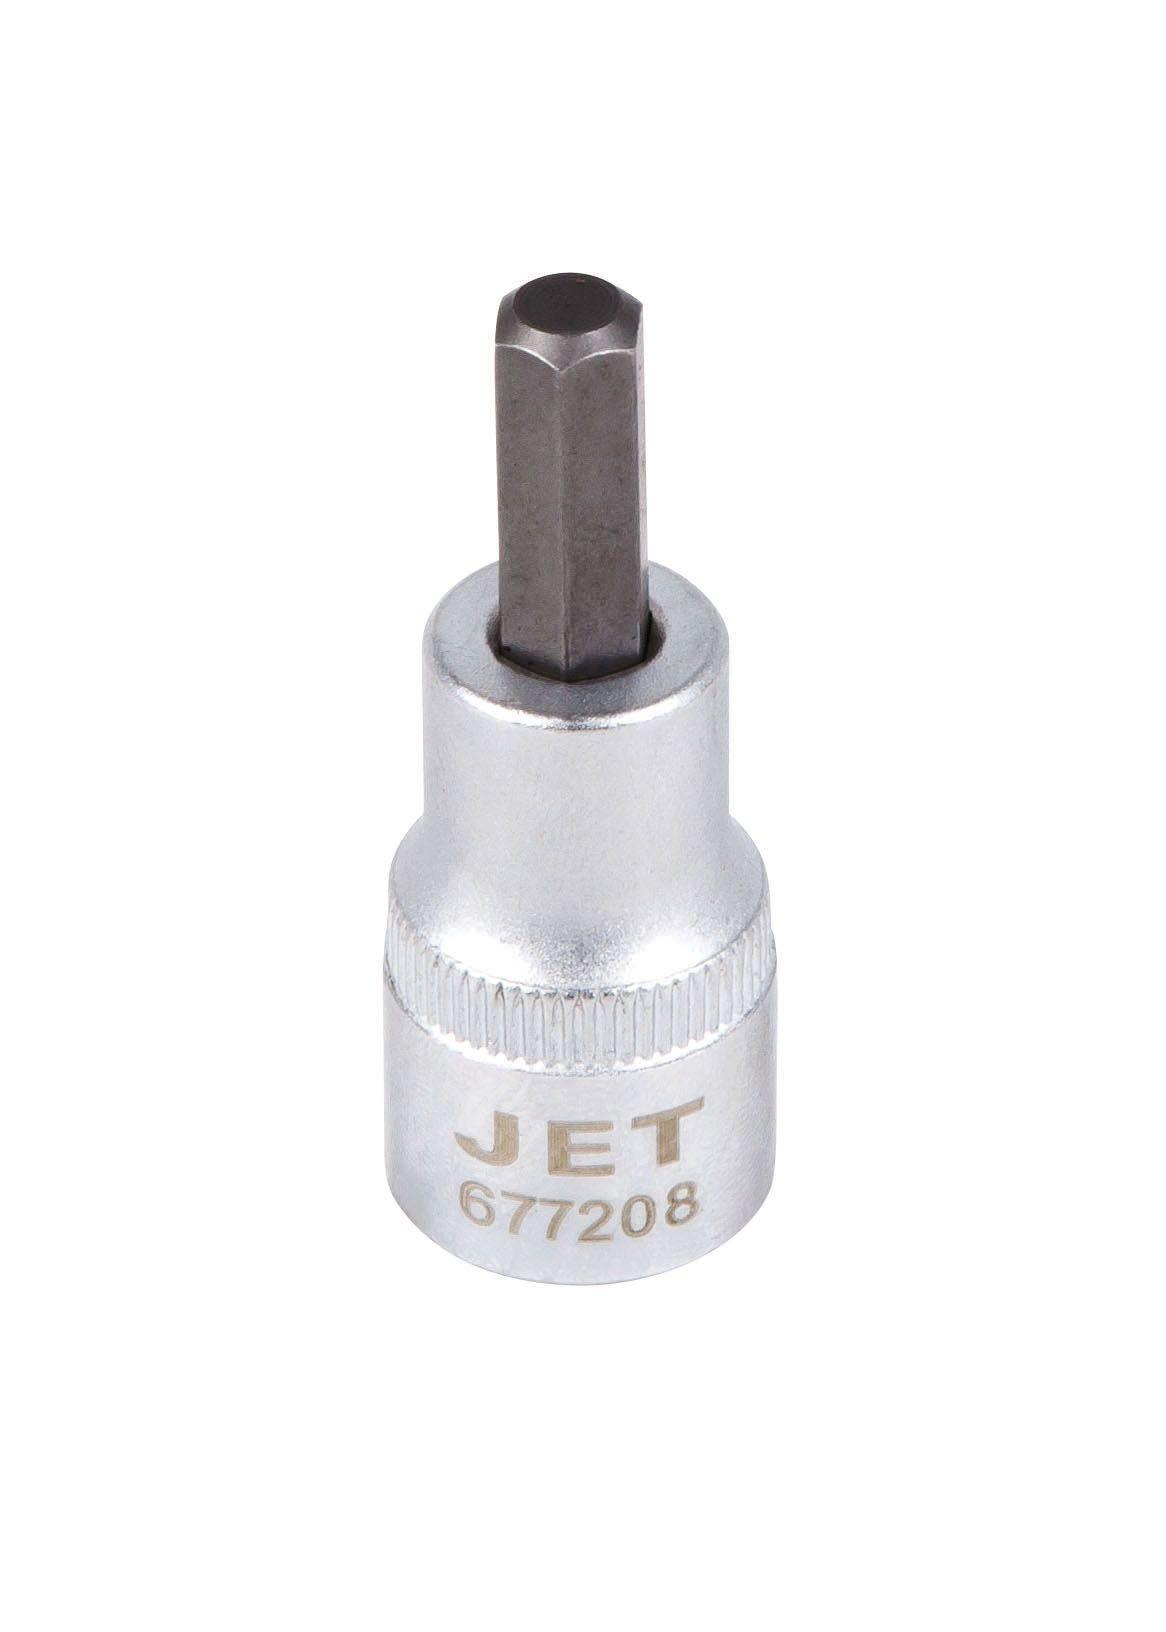 Jet 677204 Douille hexagonale 1/8